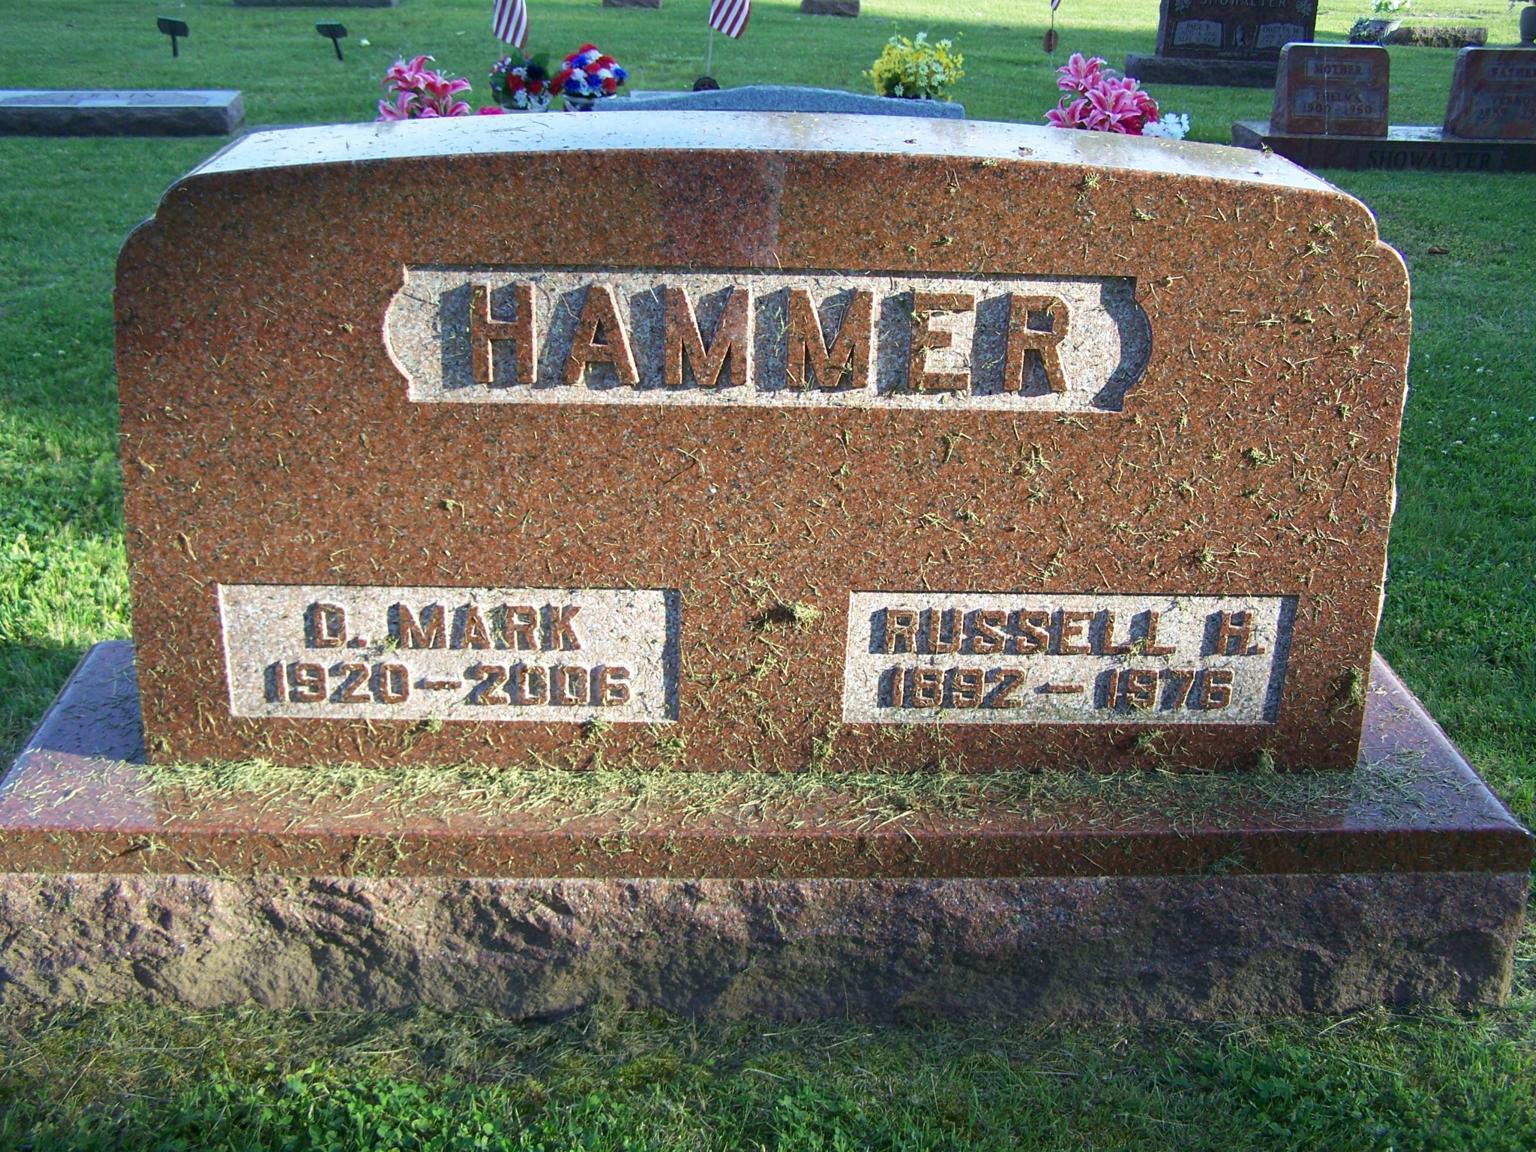 Dee Mark Hammer